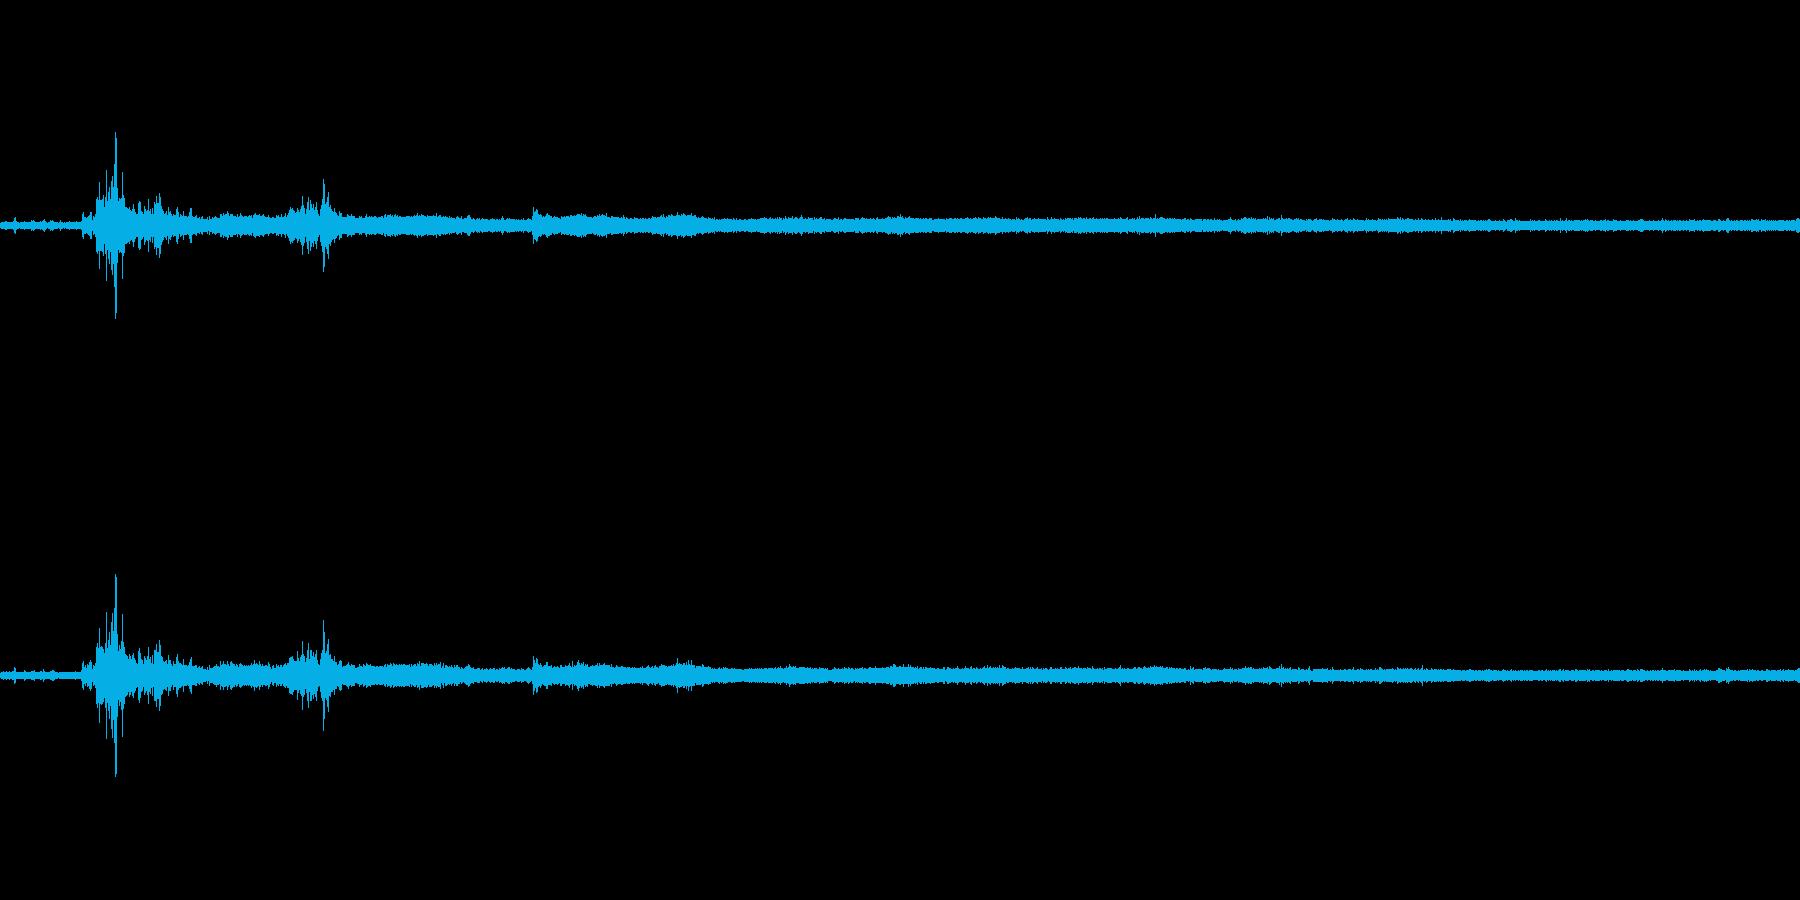 【生音】雷雨25 - 雨と雷と通行音 …の再生済みの波形